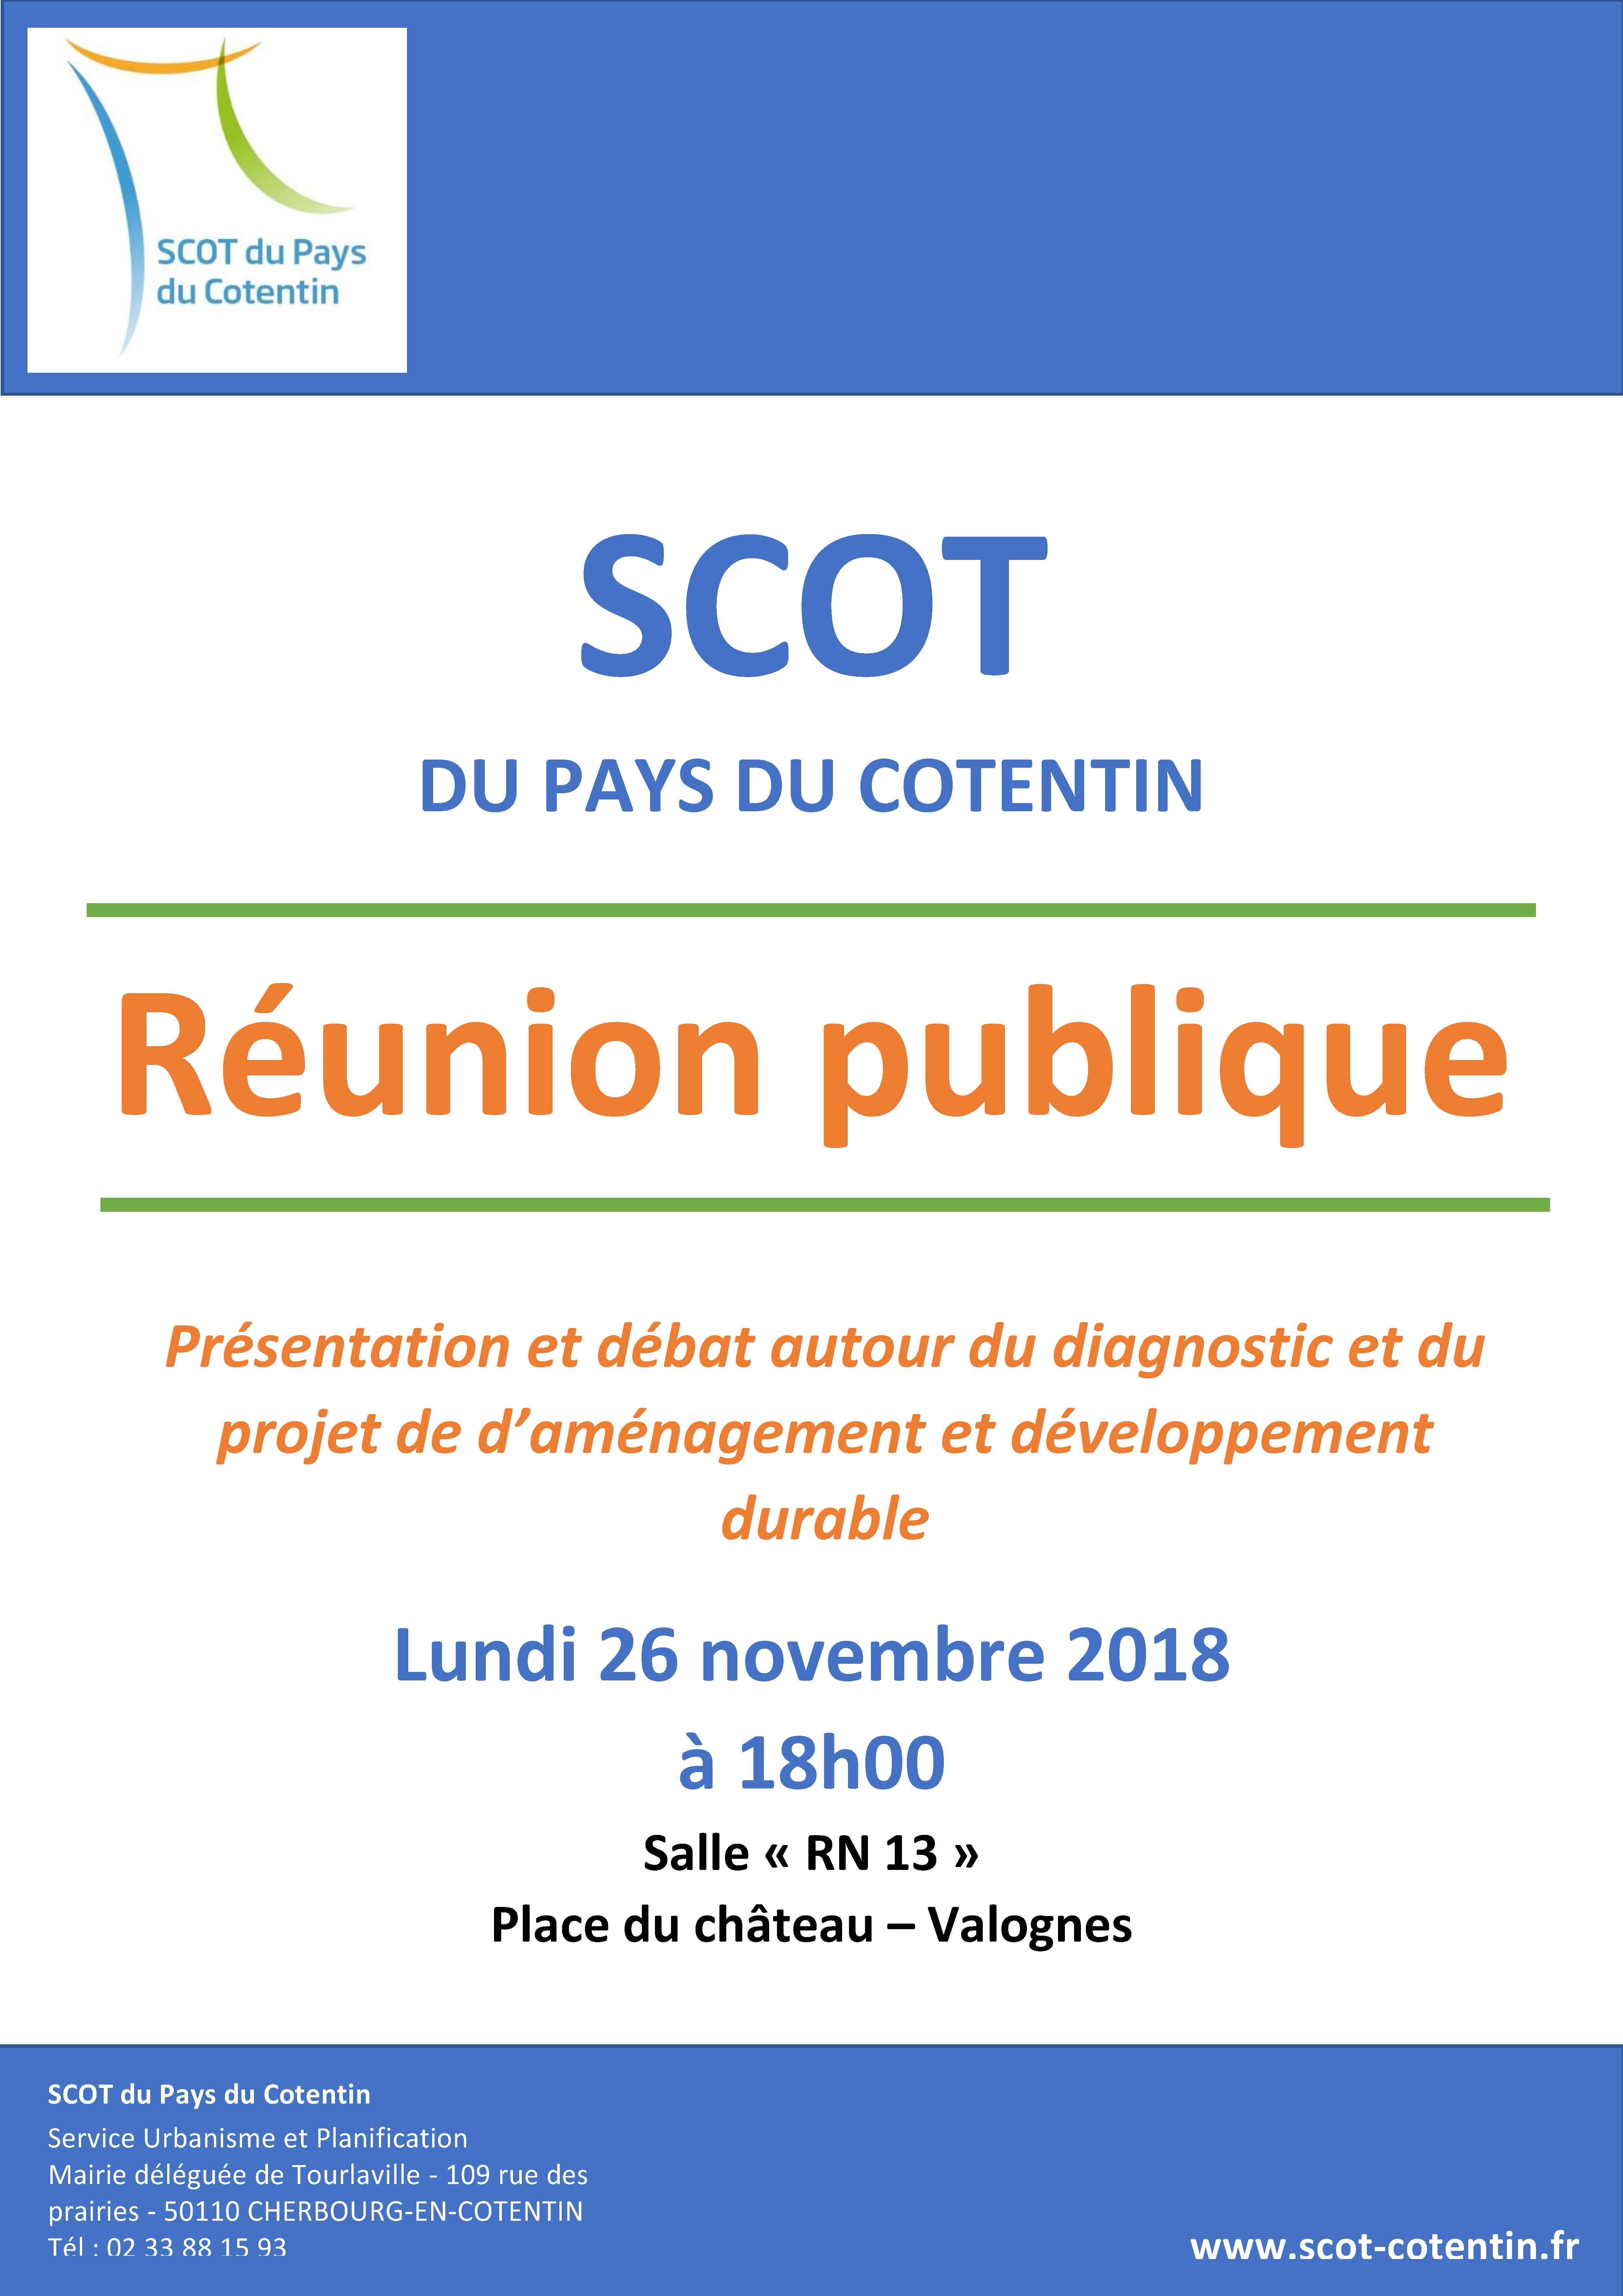 Affiche réunion publique scot